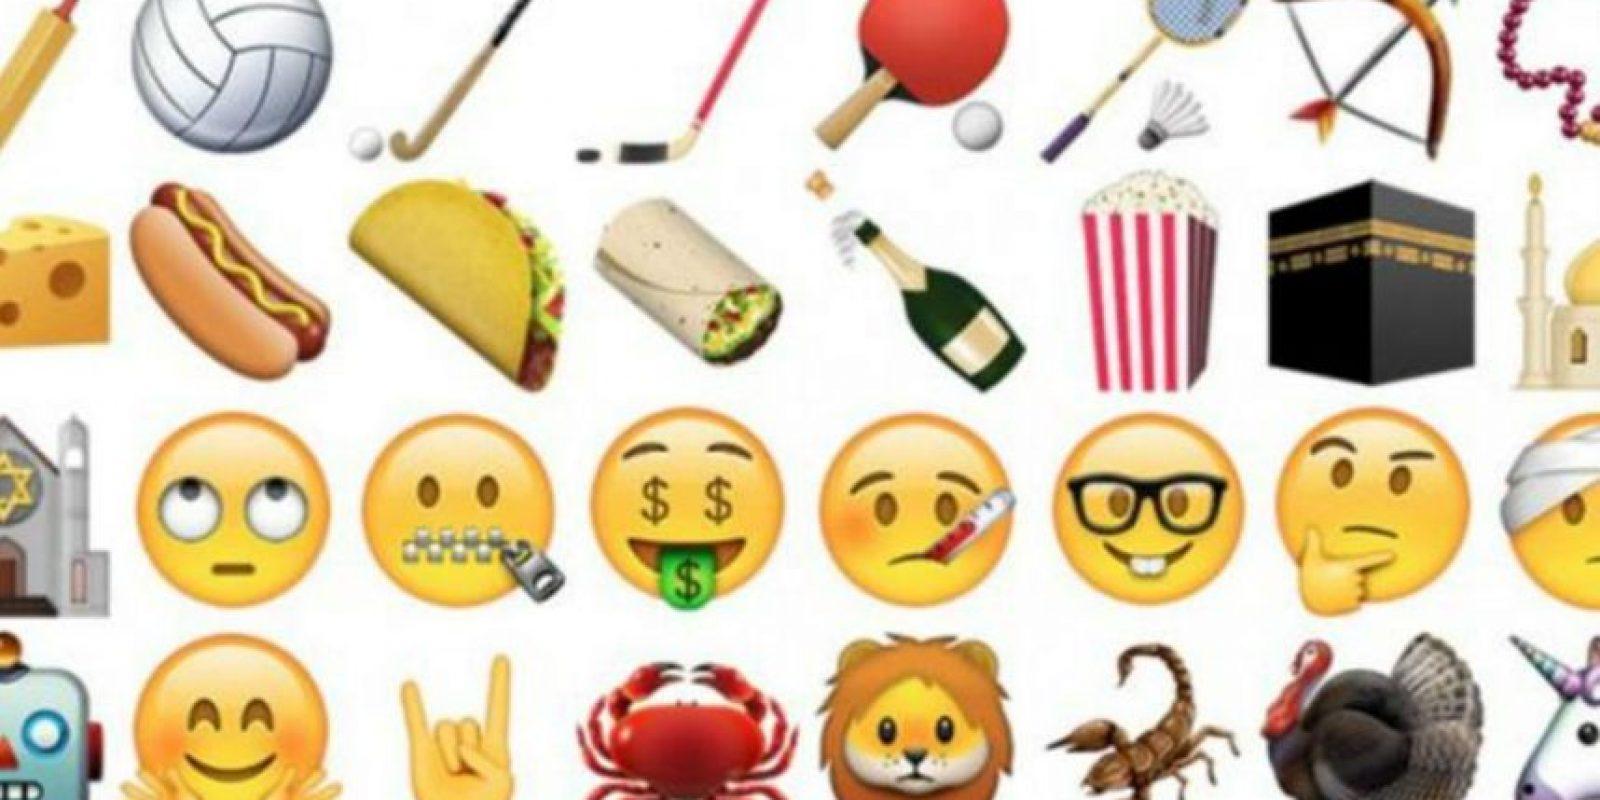 Ahora ya podrán tener los nuevos emojis en su smartphone. Foto:Apple